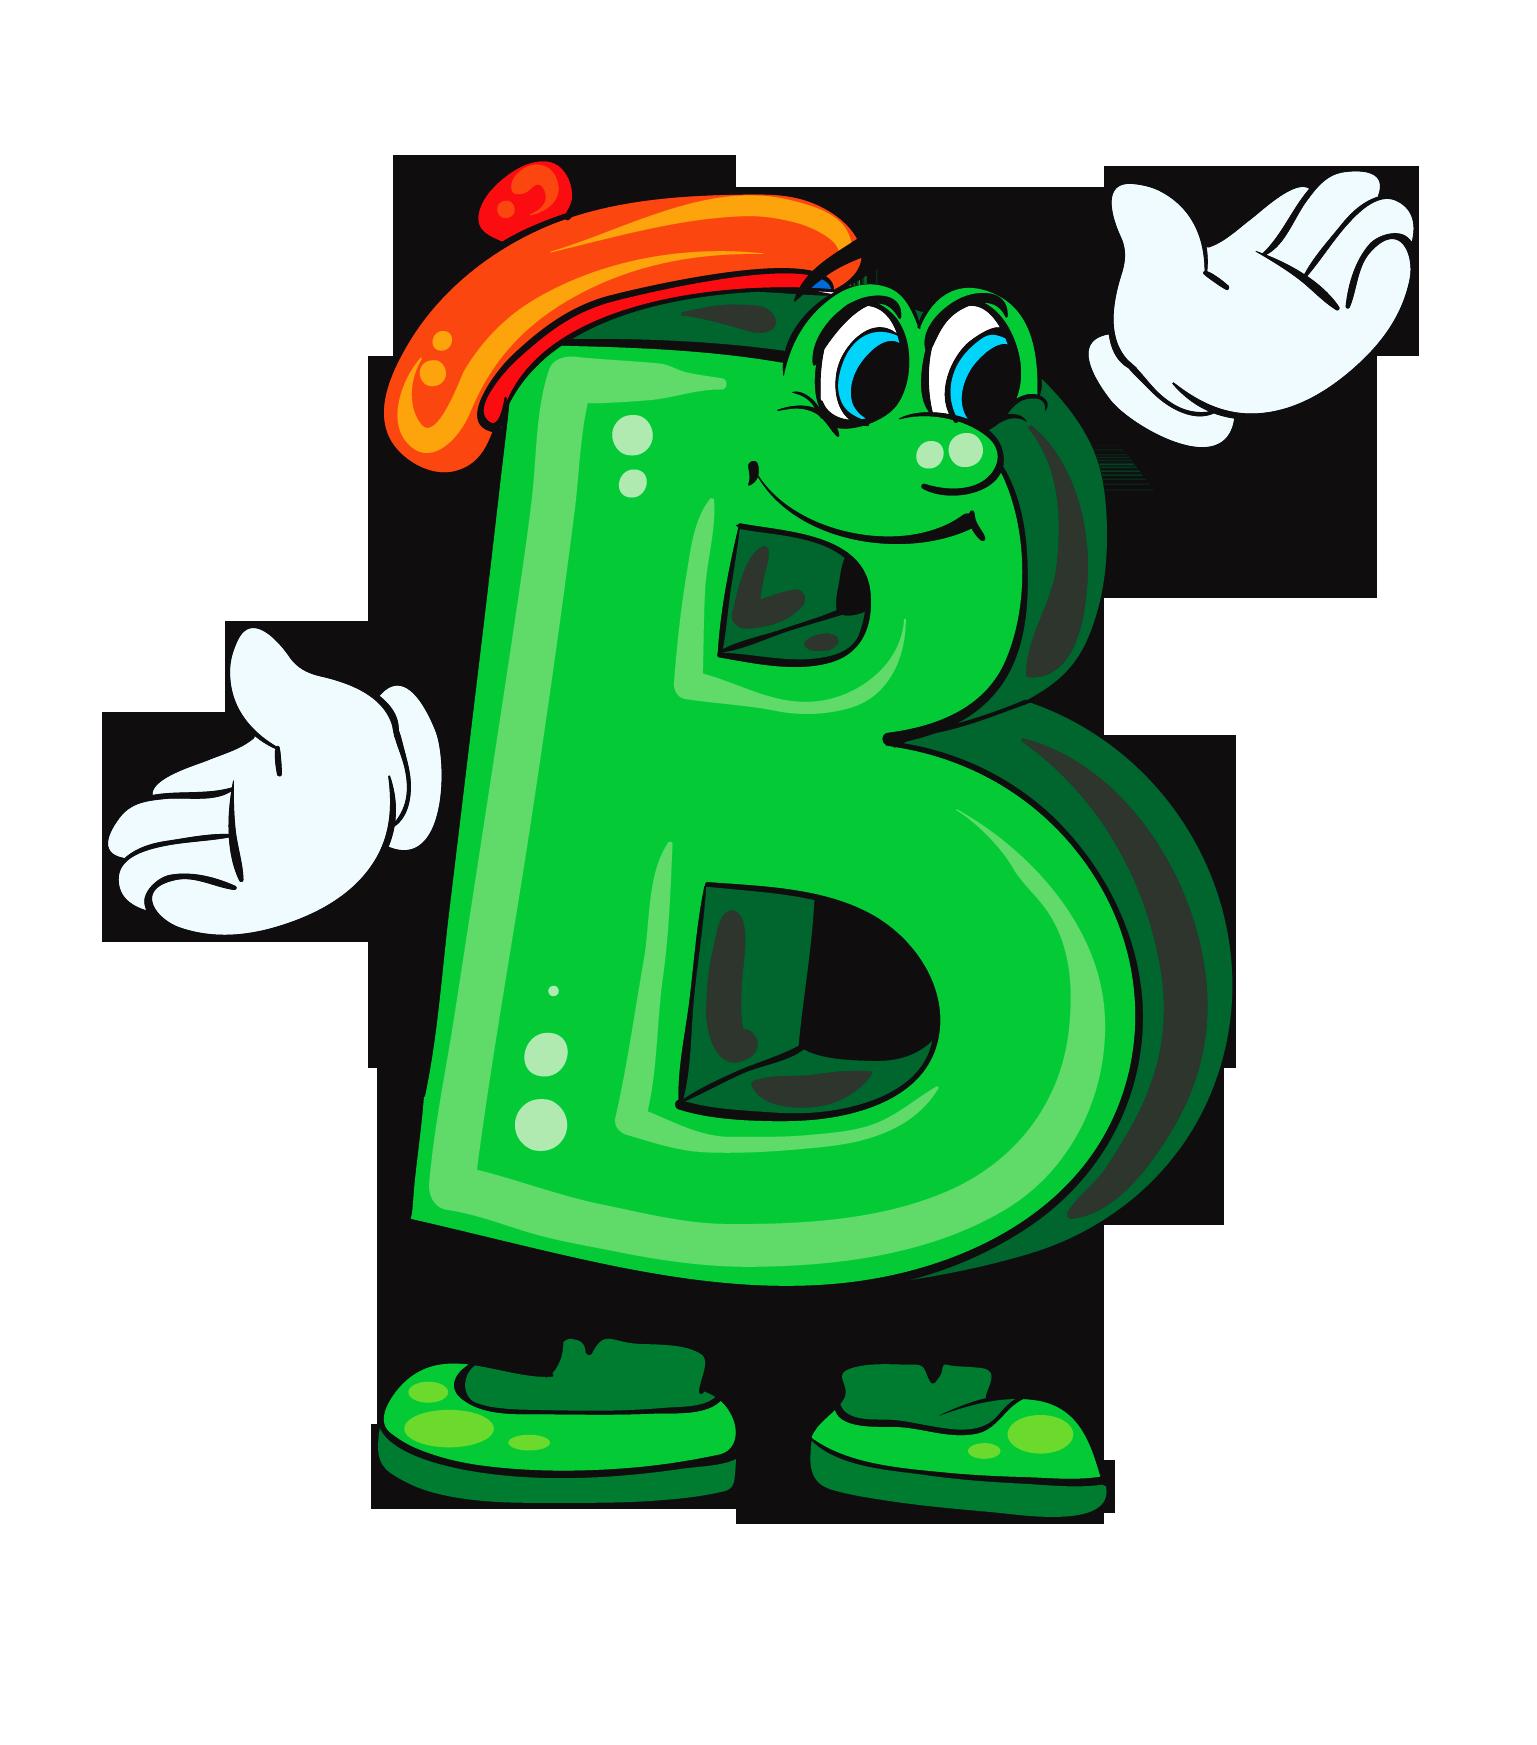 овощи картинки пнг анимация все буквы алфавита содержание